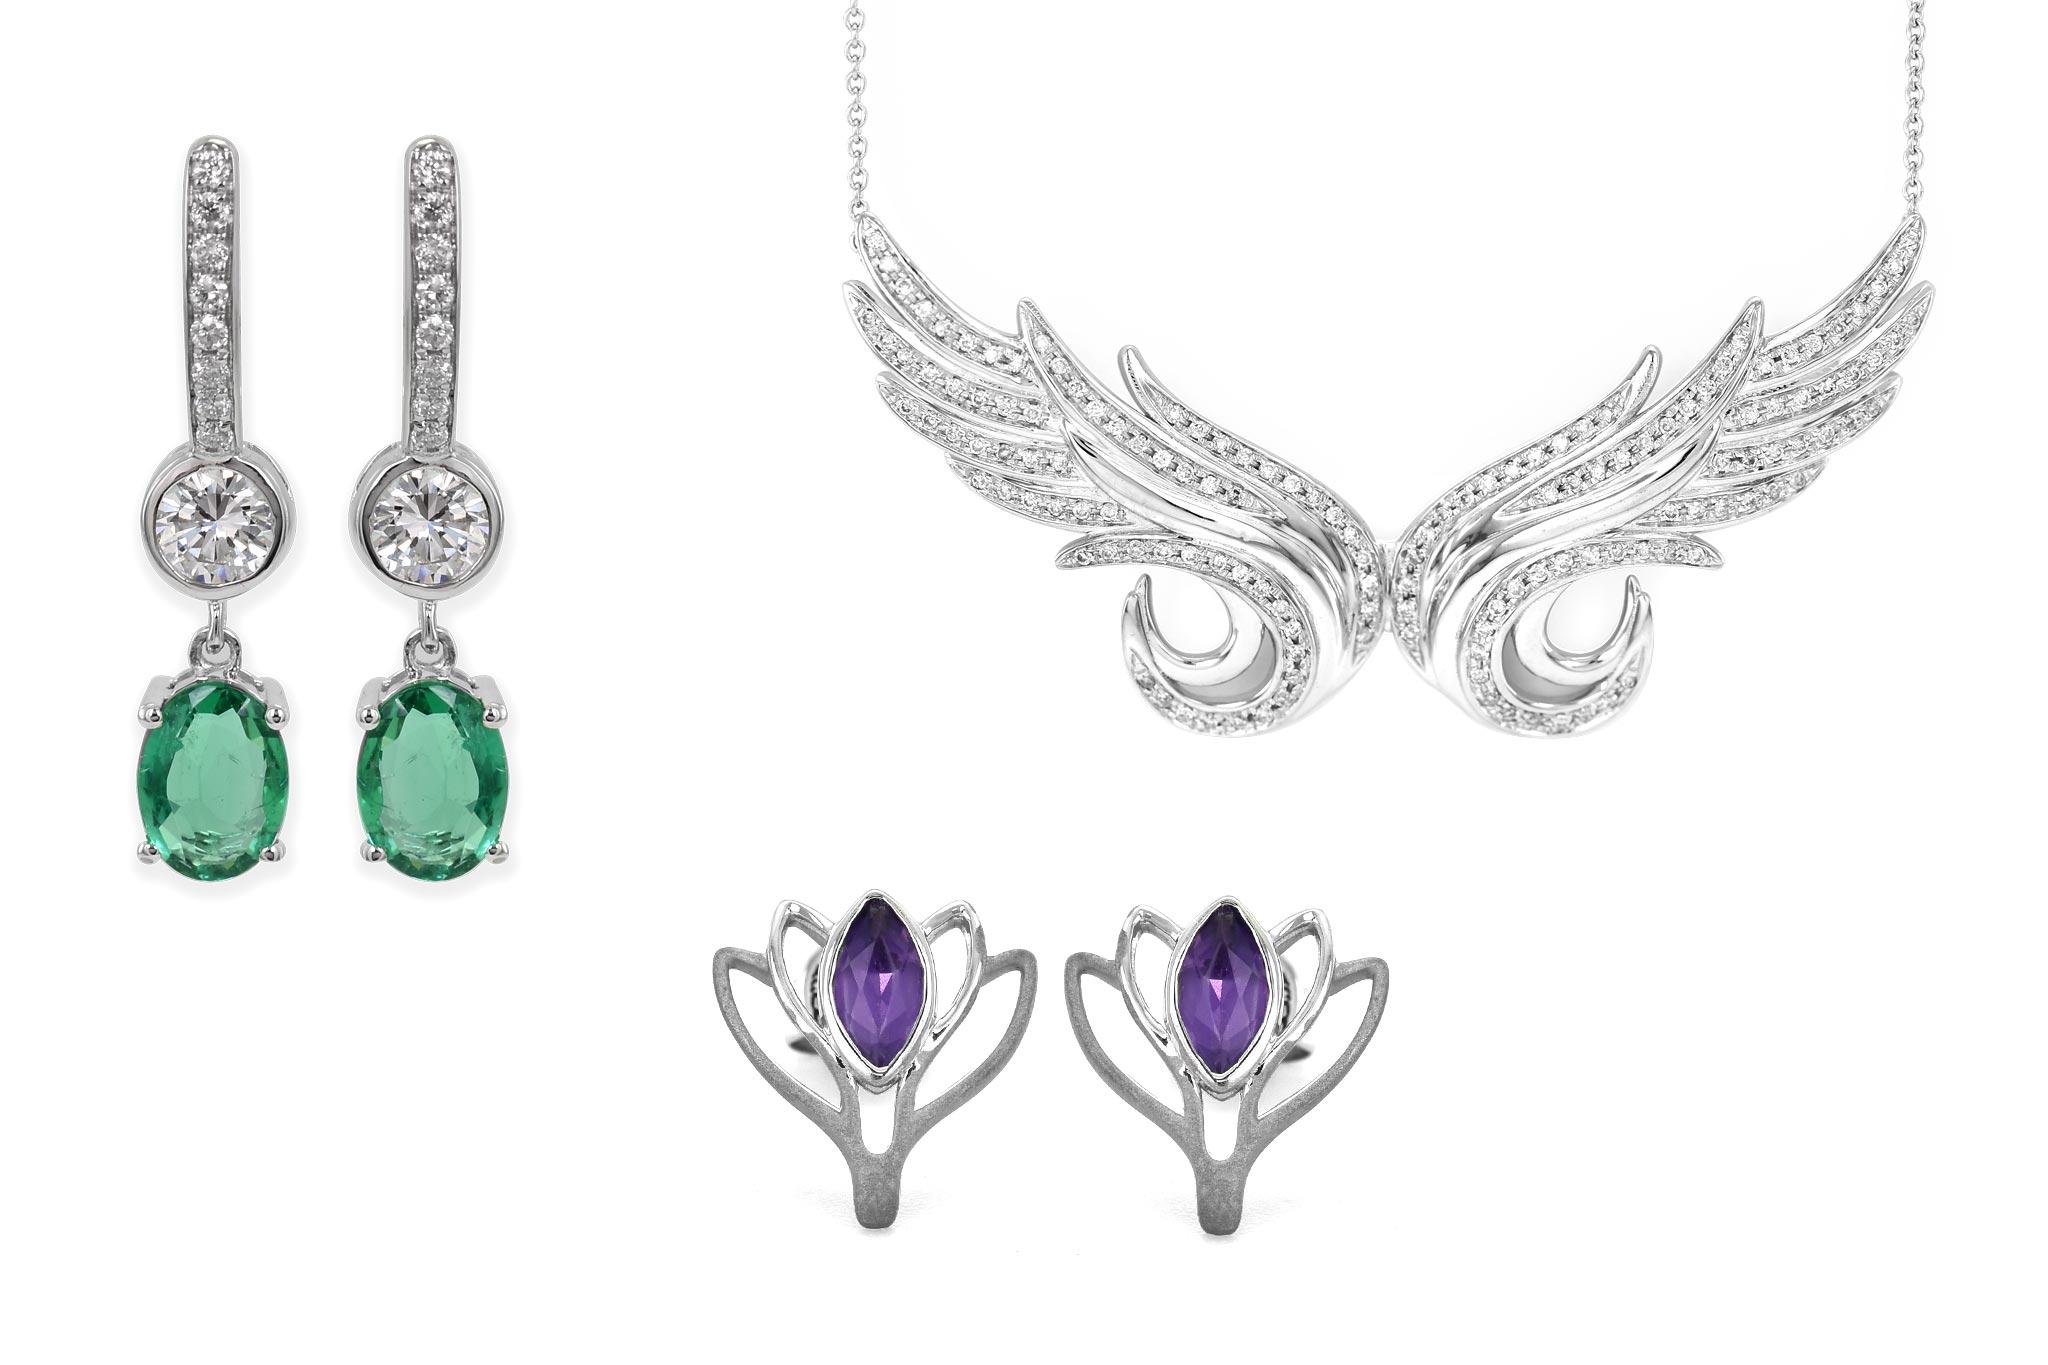 Šperky na zákazku podľa vašich predstáv  ea3341dedee